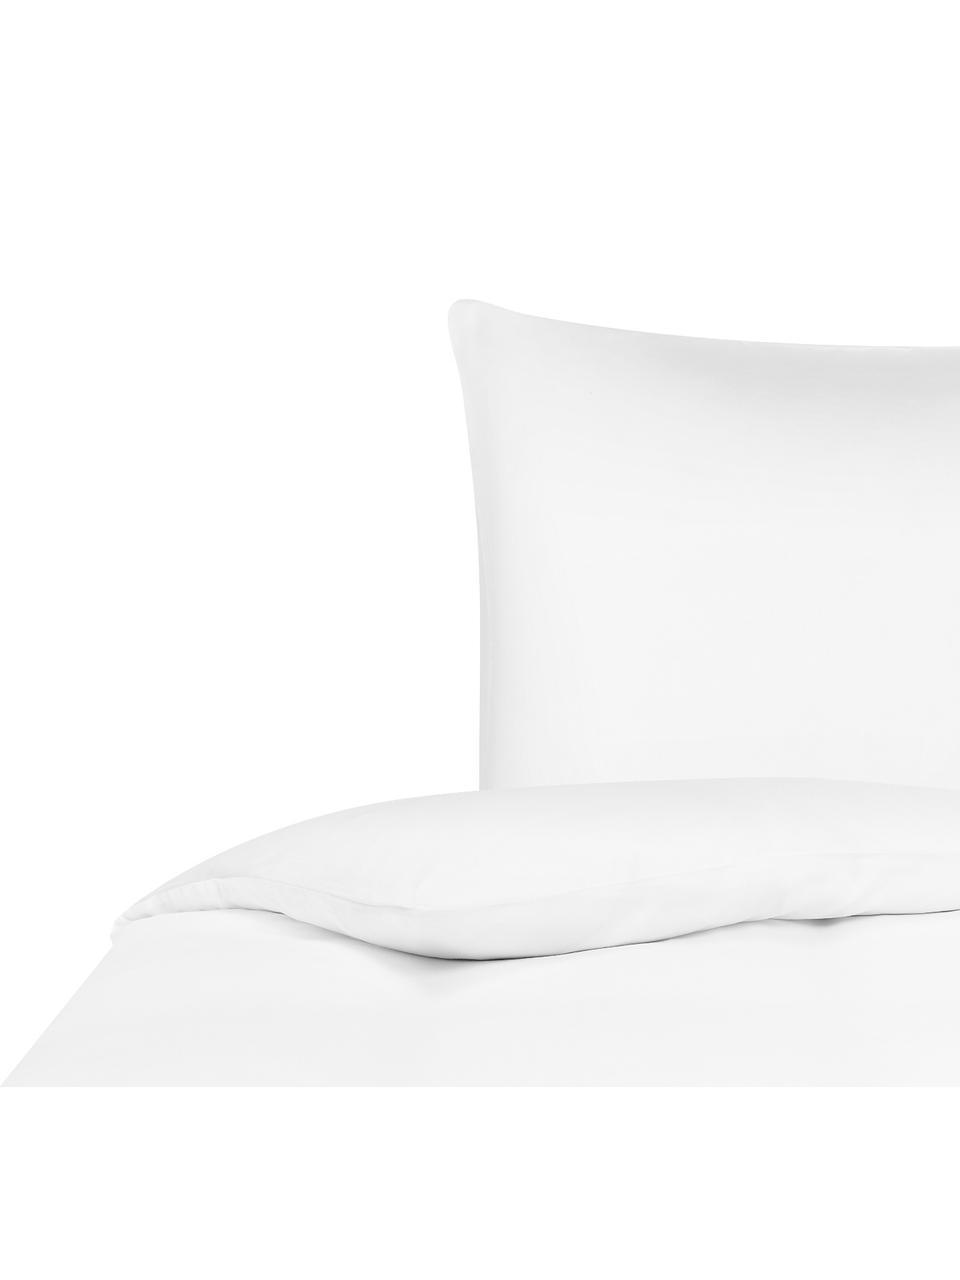 Bambus-Bettwäsche Skye in Weiß, 55% Bambus, 45% Baumwolle  Fadendichte 400 TC, Premium Qualität  Bambus ist hypoallergen und antibakteriell. Daher eignet das Material sich hervorragend für empfindliche Haut. Es ist amungsaktiv und absorbiert Feuchtigkeit, um so die Körpertemperatur im Schlaf zu regulieren., Weiß, 240 x 220 cm + 2 Kissen 80 x 80 cm